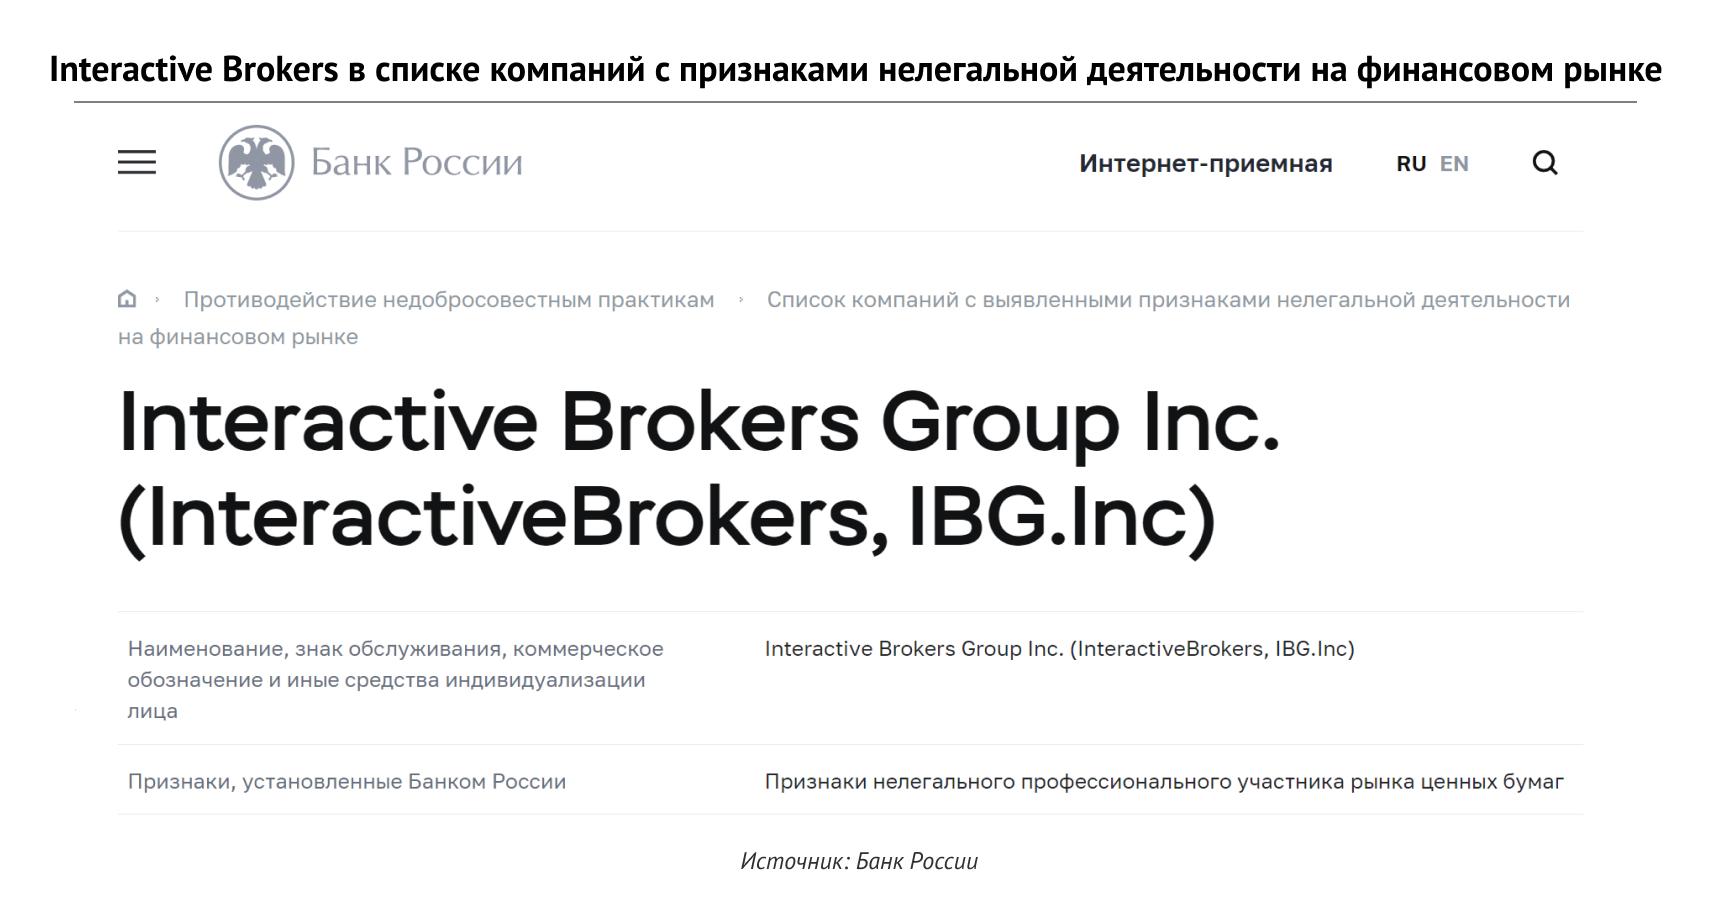 Американский Interactive Brokers в черном списке ЦБ. Что это меняет?